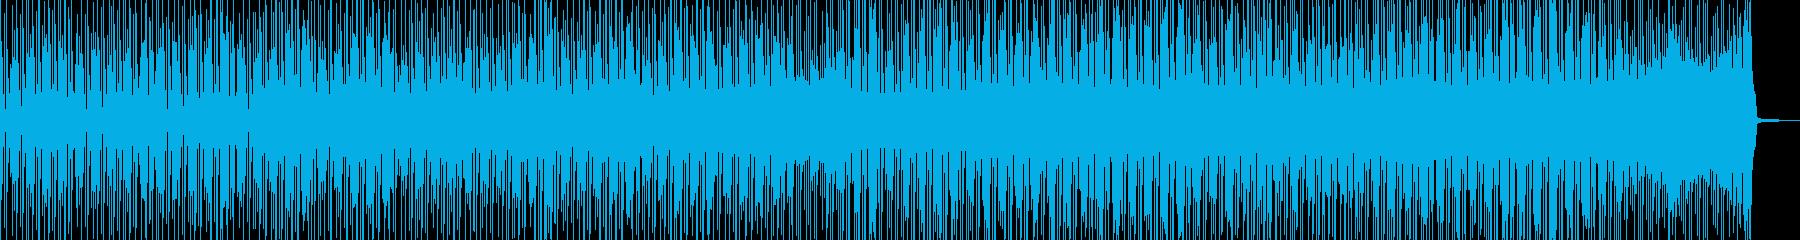 徐々に賑わう動画に・2部構成ポップス Bの再生済みの波形